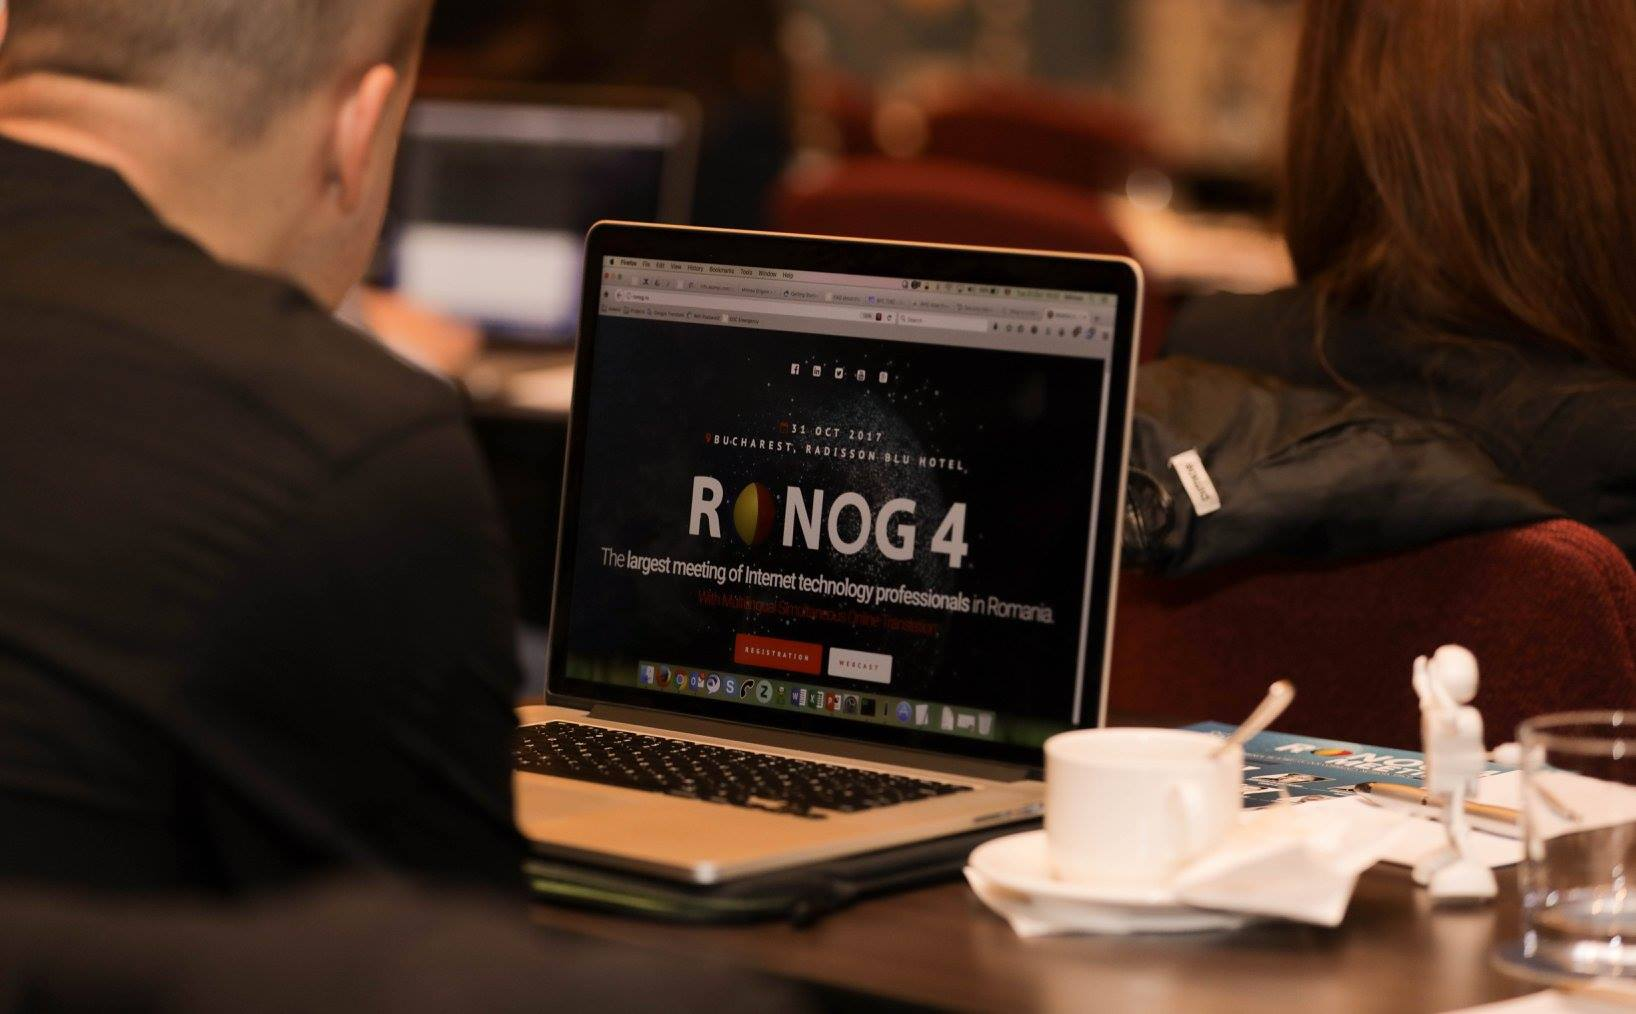 Cea de-a patra reuniune anuală a operatorilor de rețele din România – RONOG 4 a avut loc marți, 31 octombrie 2017 la hotelul Radisson Blu din Capitală